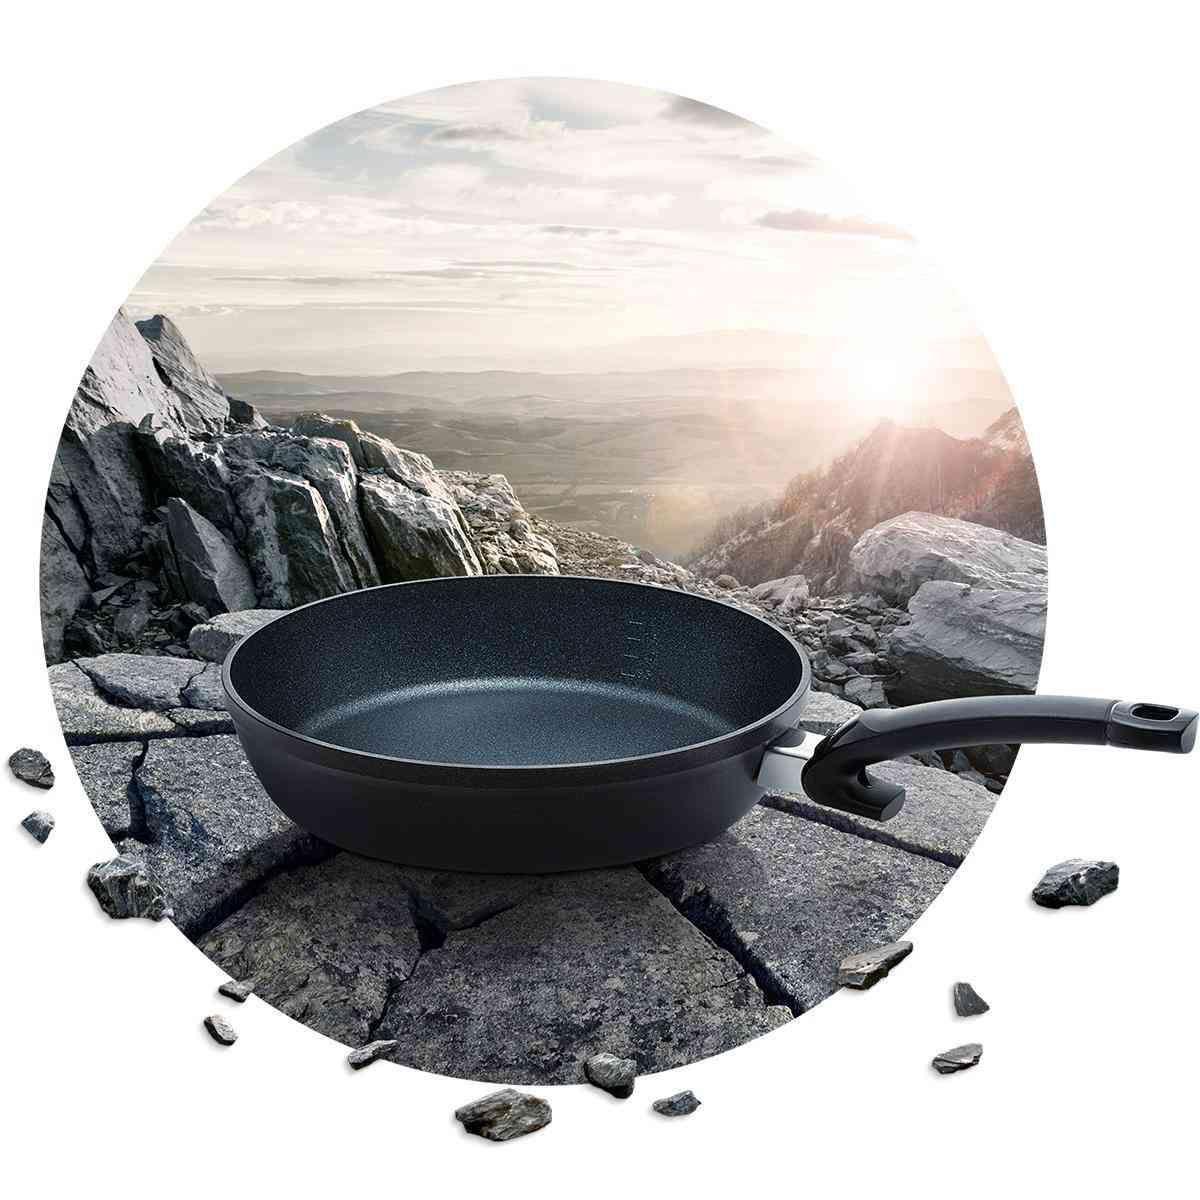 adamant comfort pan 28 cm